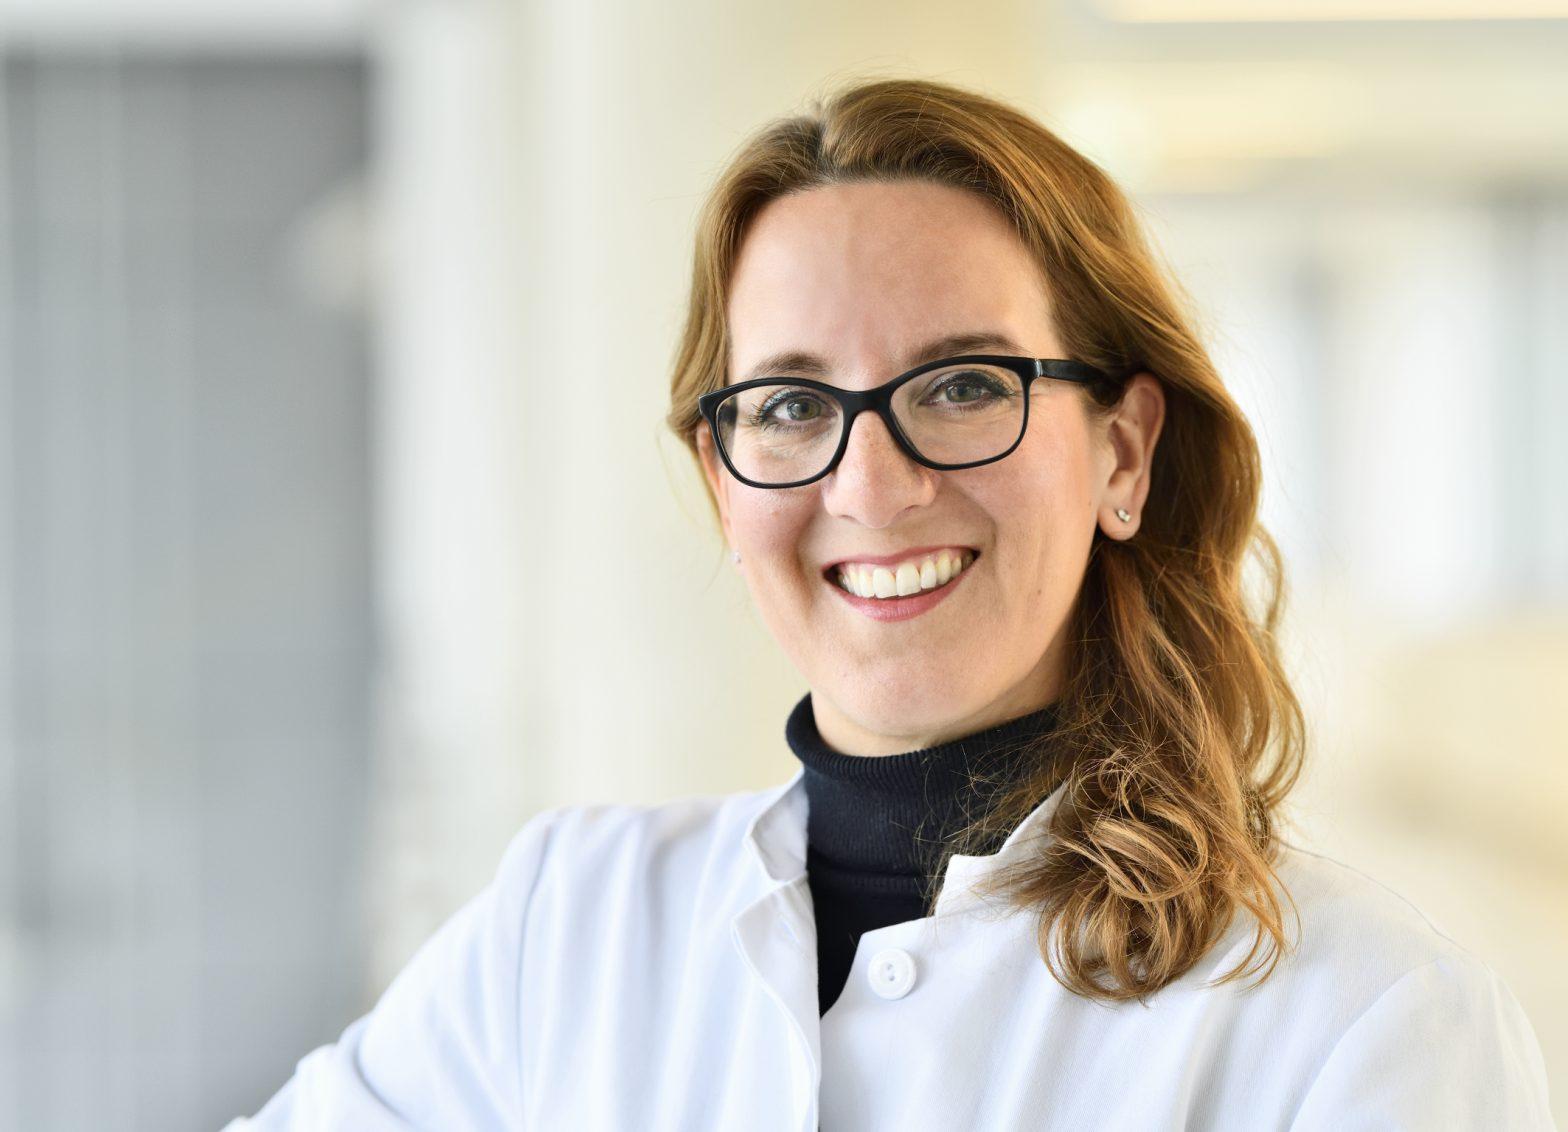 Neue Expertin für Fruchtbarkeit und Kinderwunsch am Universitätsklinikum Bonn